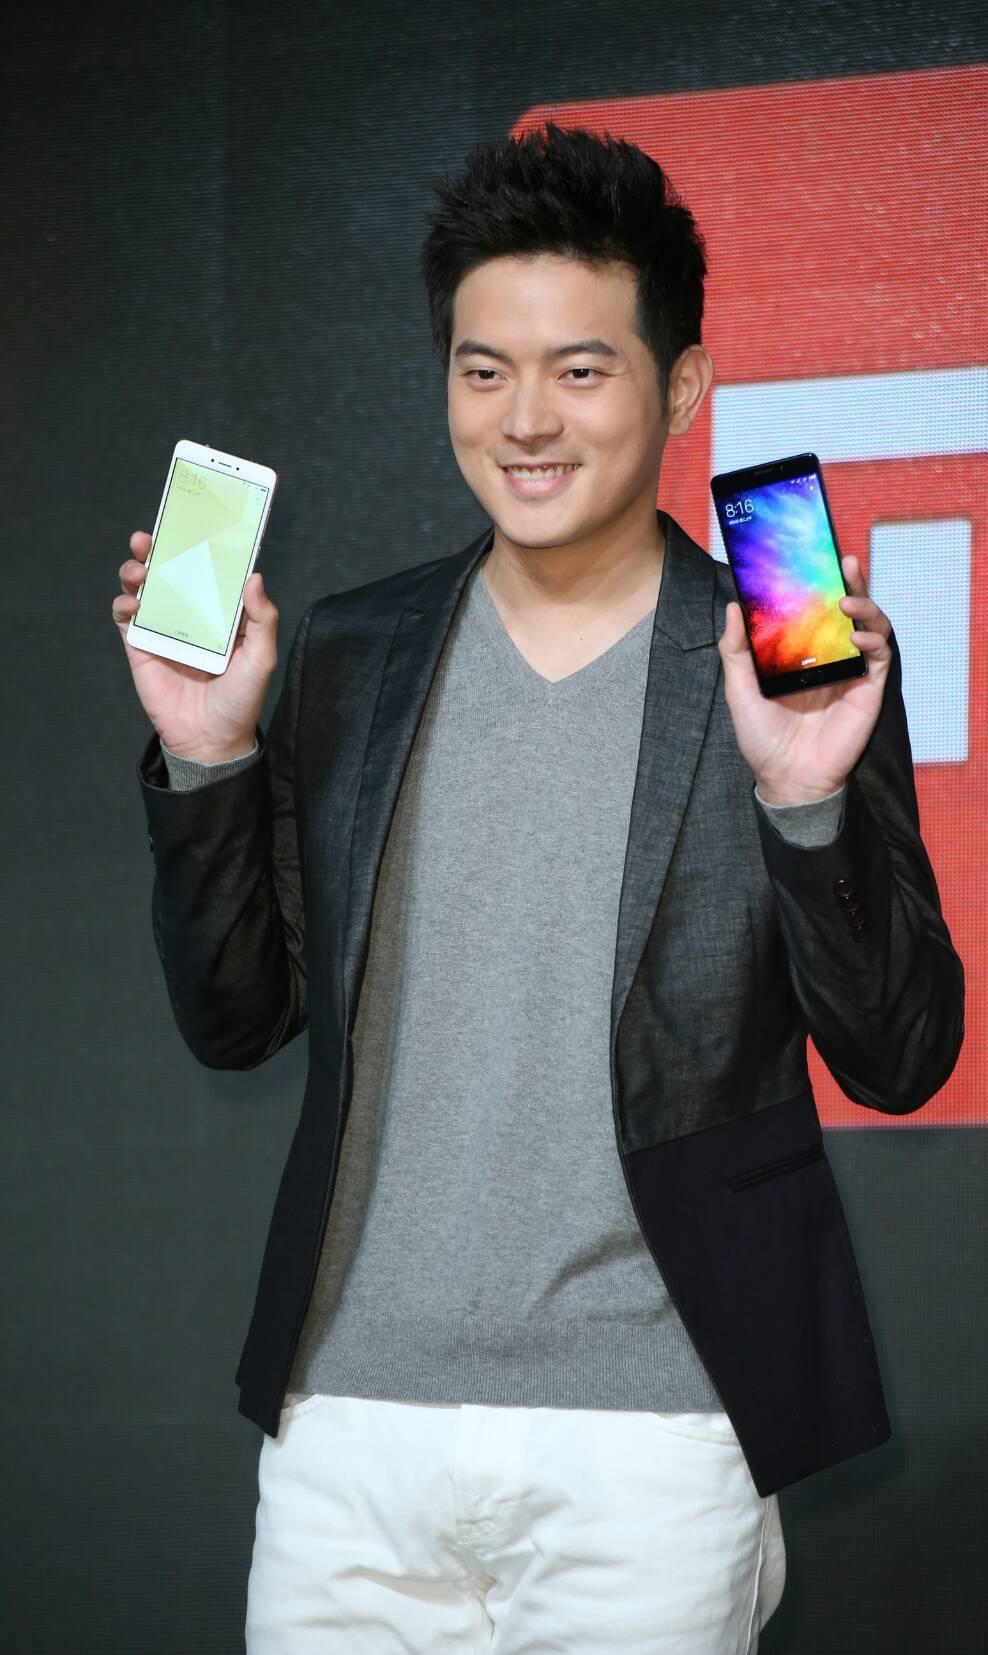 宥勝出席手機活動。記者陳立凱/攝影